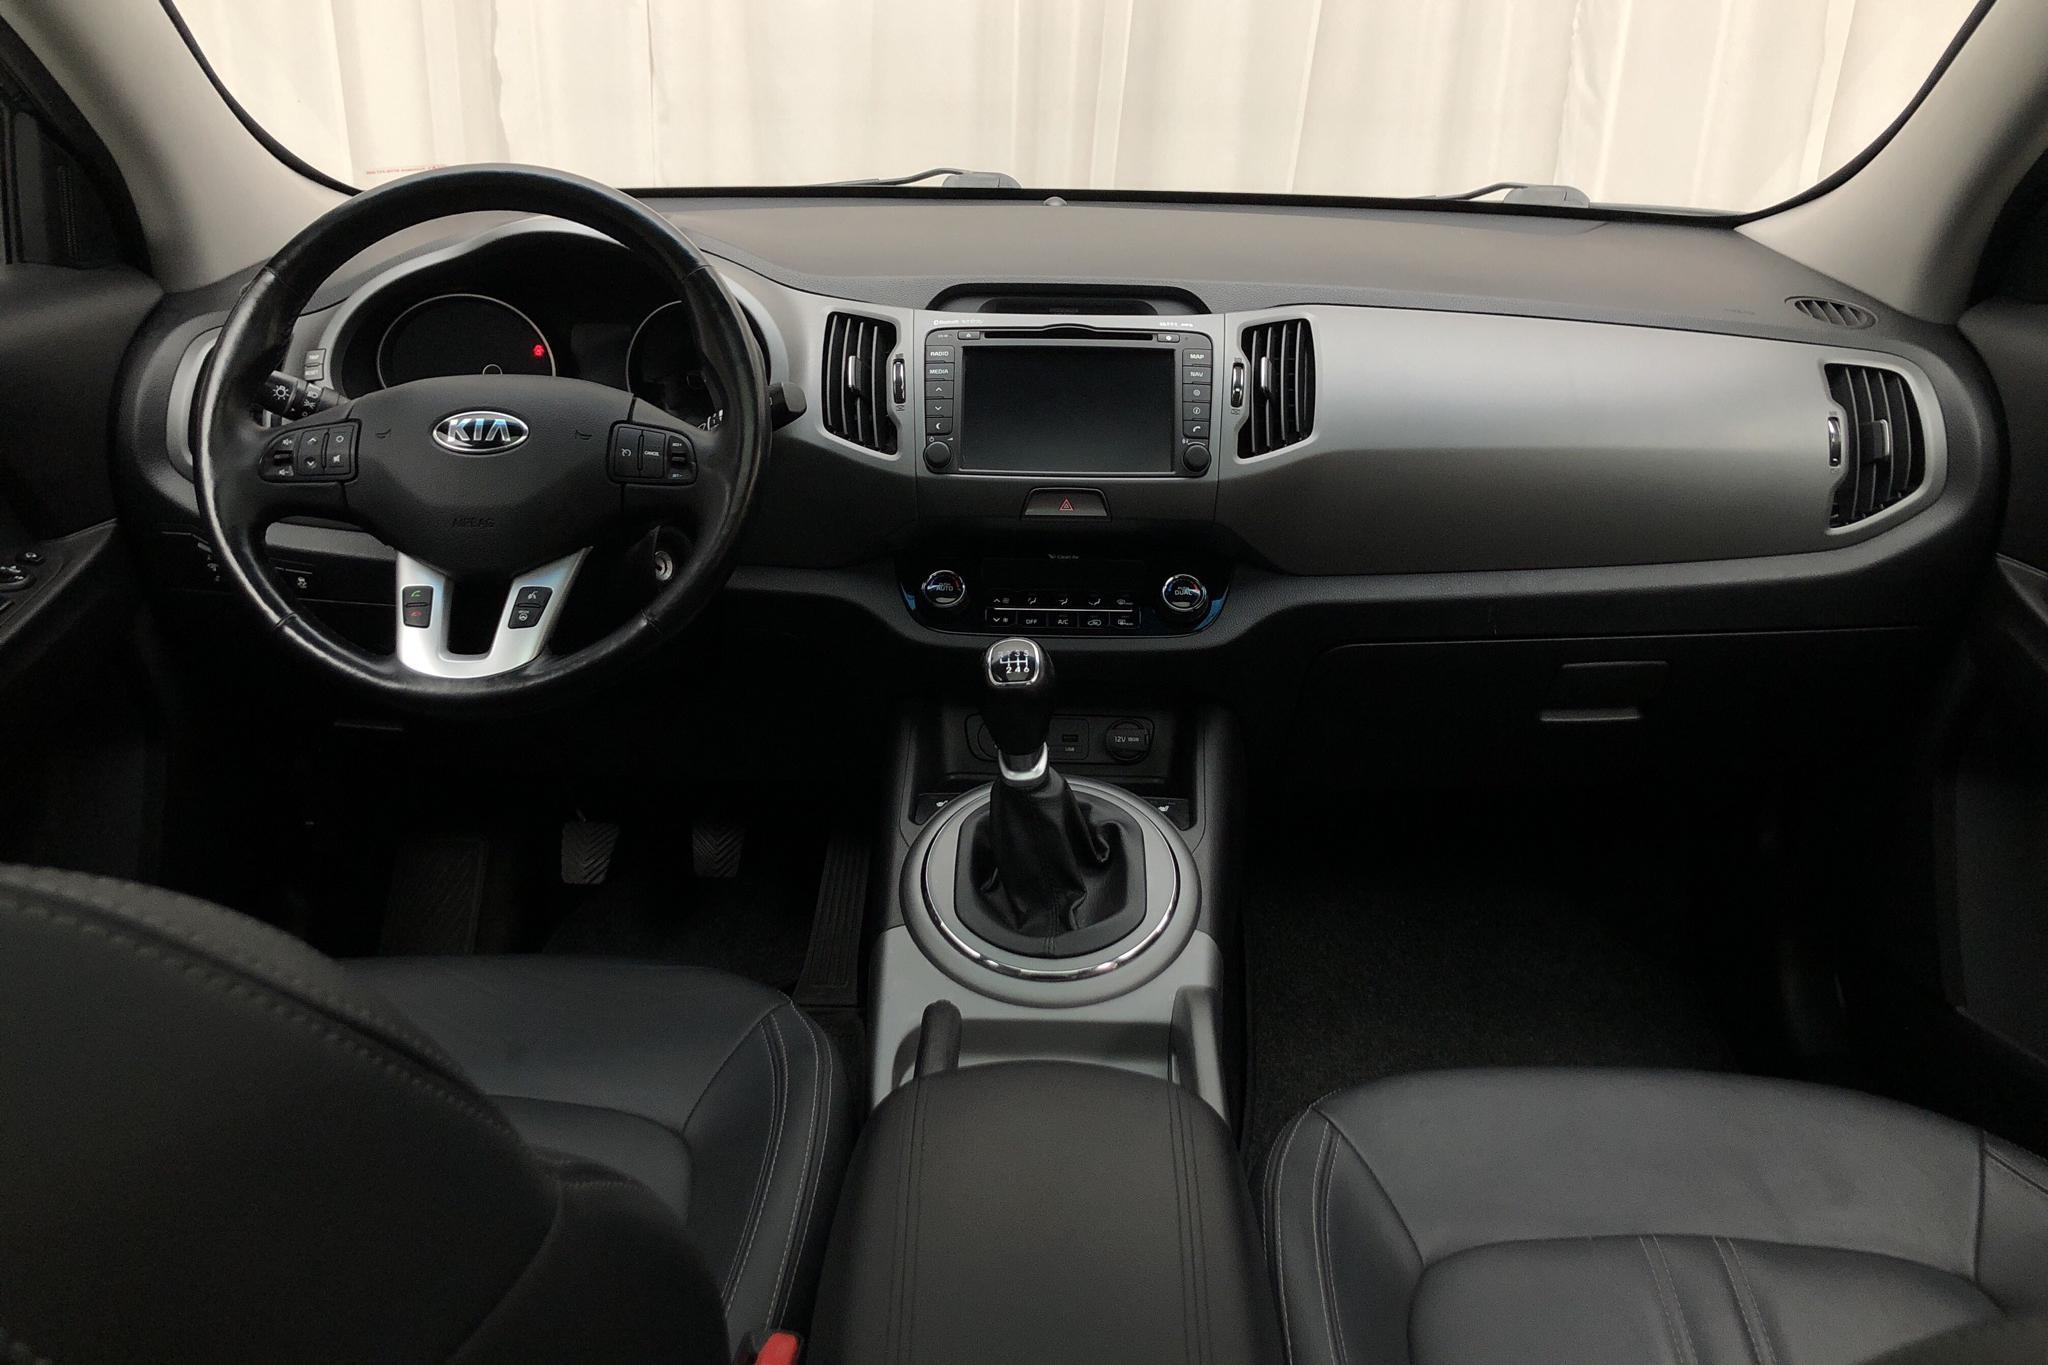 KIA Sportage 1.7 CRDi 2WD (115hk) - 15 270 mil - Manuell - svart - 2014